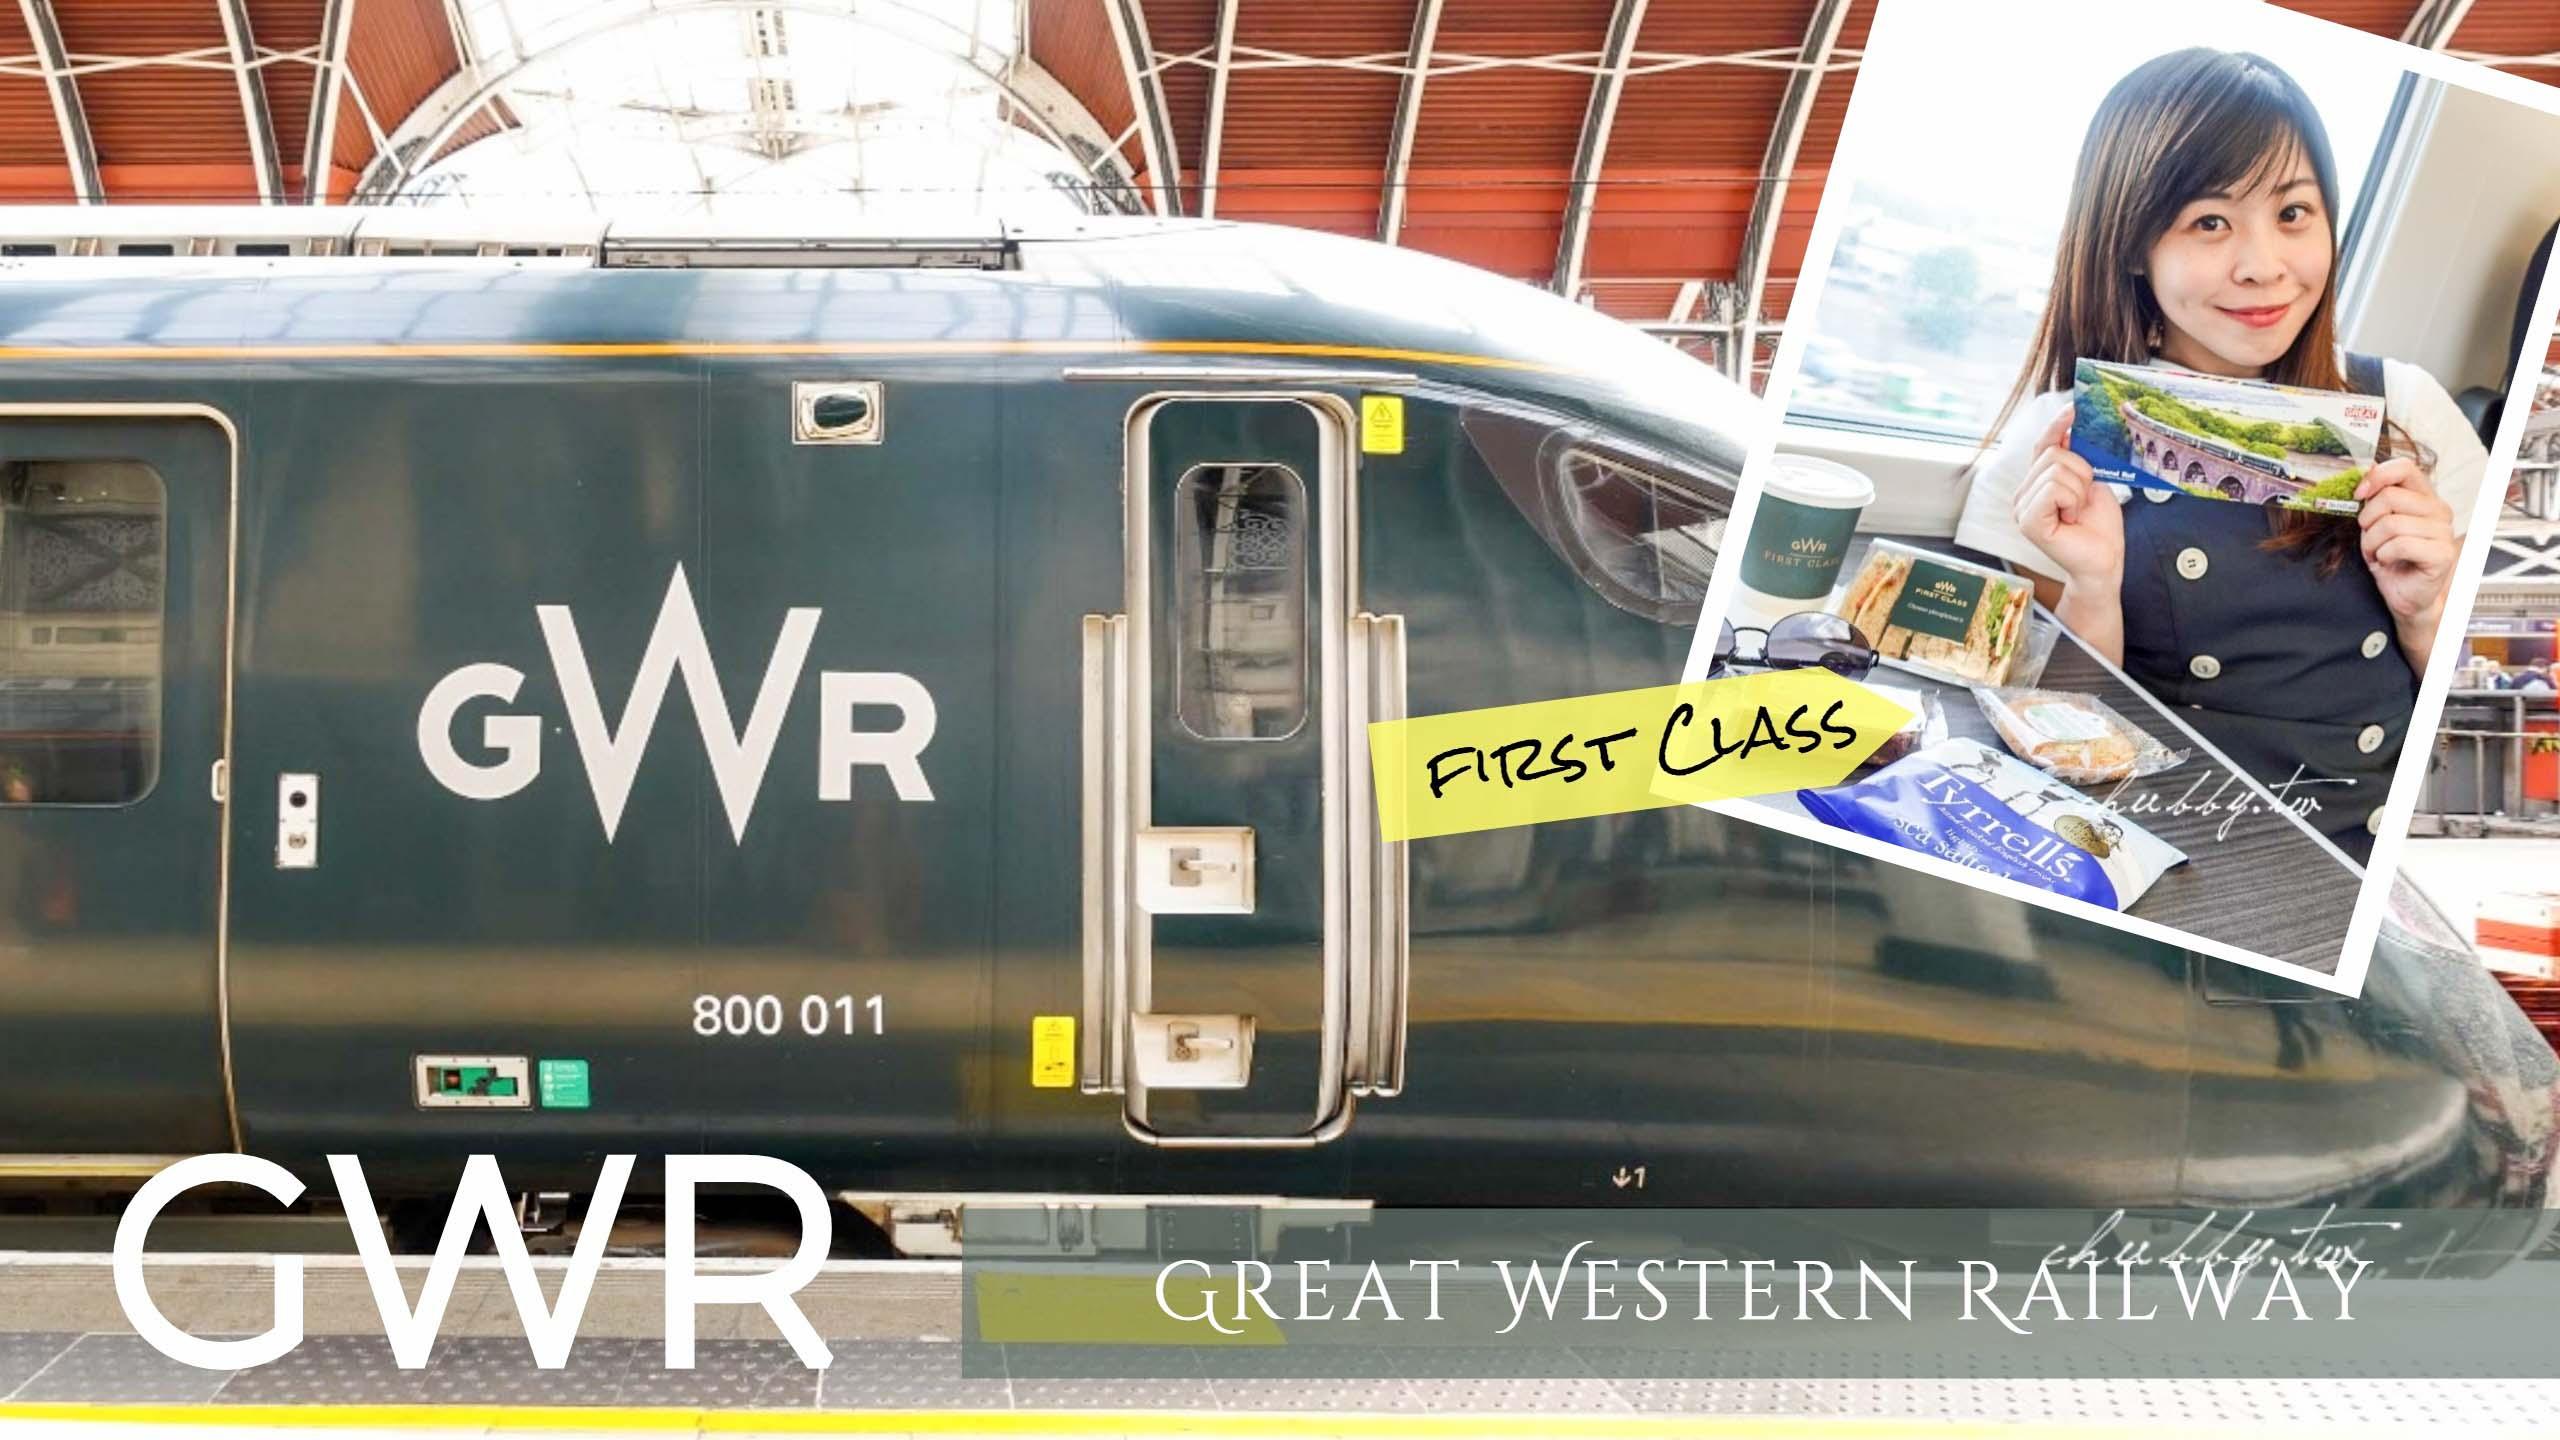 英國火車GWR頭等艙、GWR貴賓室搭乘經驗分享:低調奢華高質感頭等艙,科技廁所好害羞